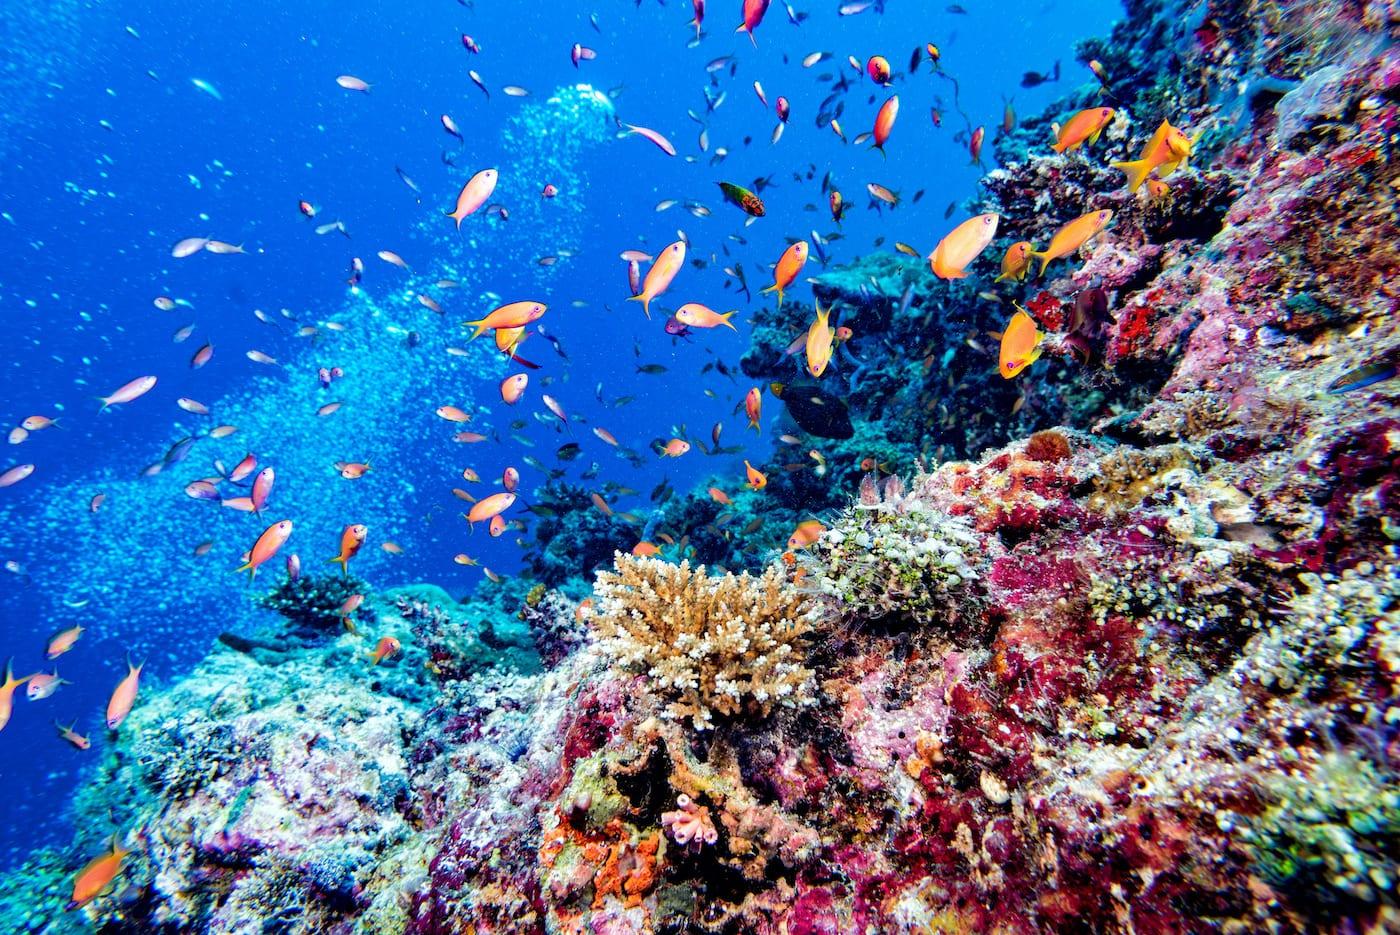 Anantara Dhigu Maldives fish